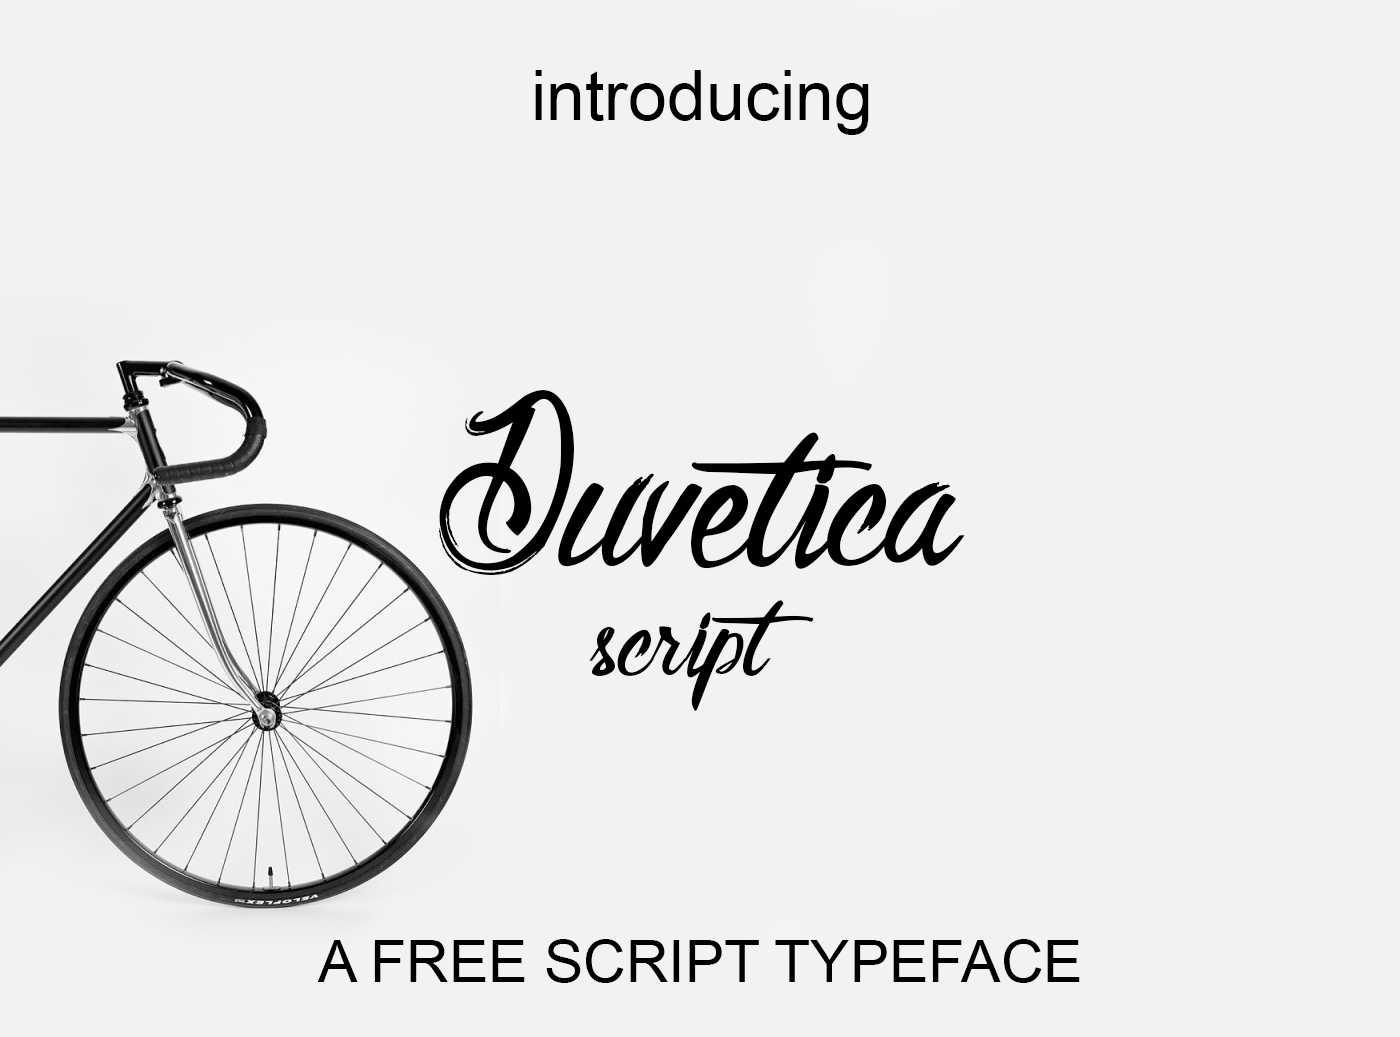 duvetica-script-font